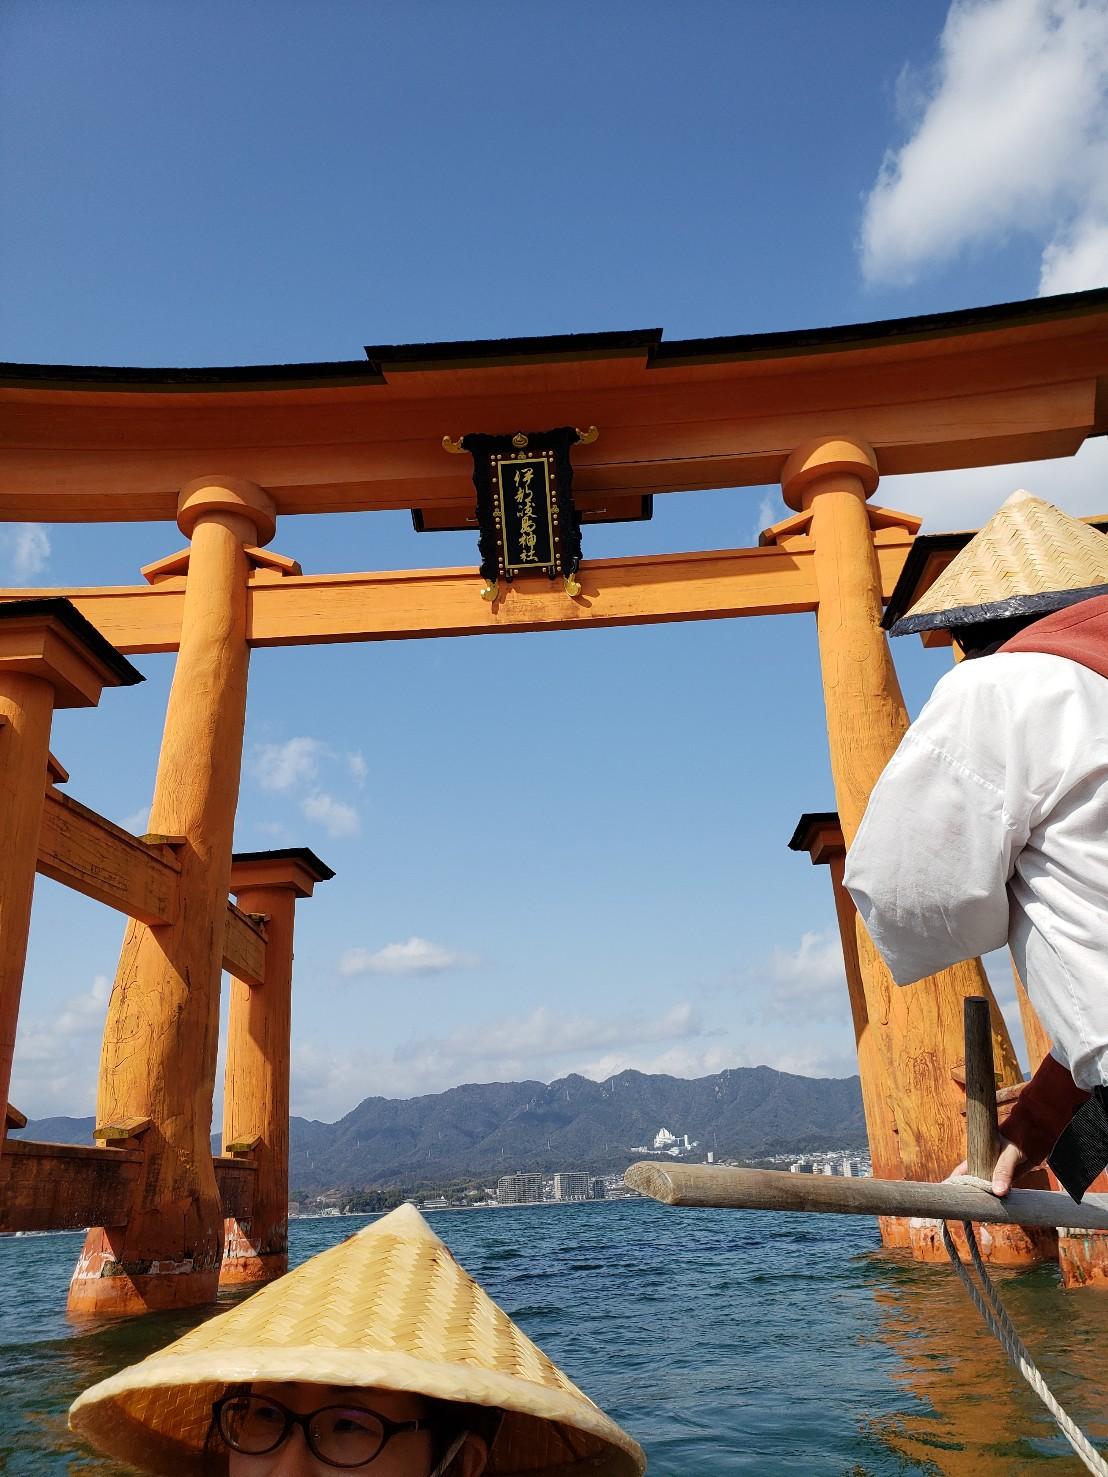 広島女子旅特集 2019 | 人気のお土産やグルメスポットは?_62